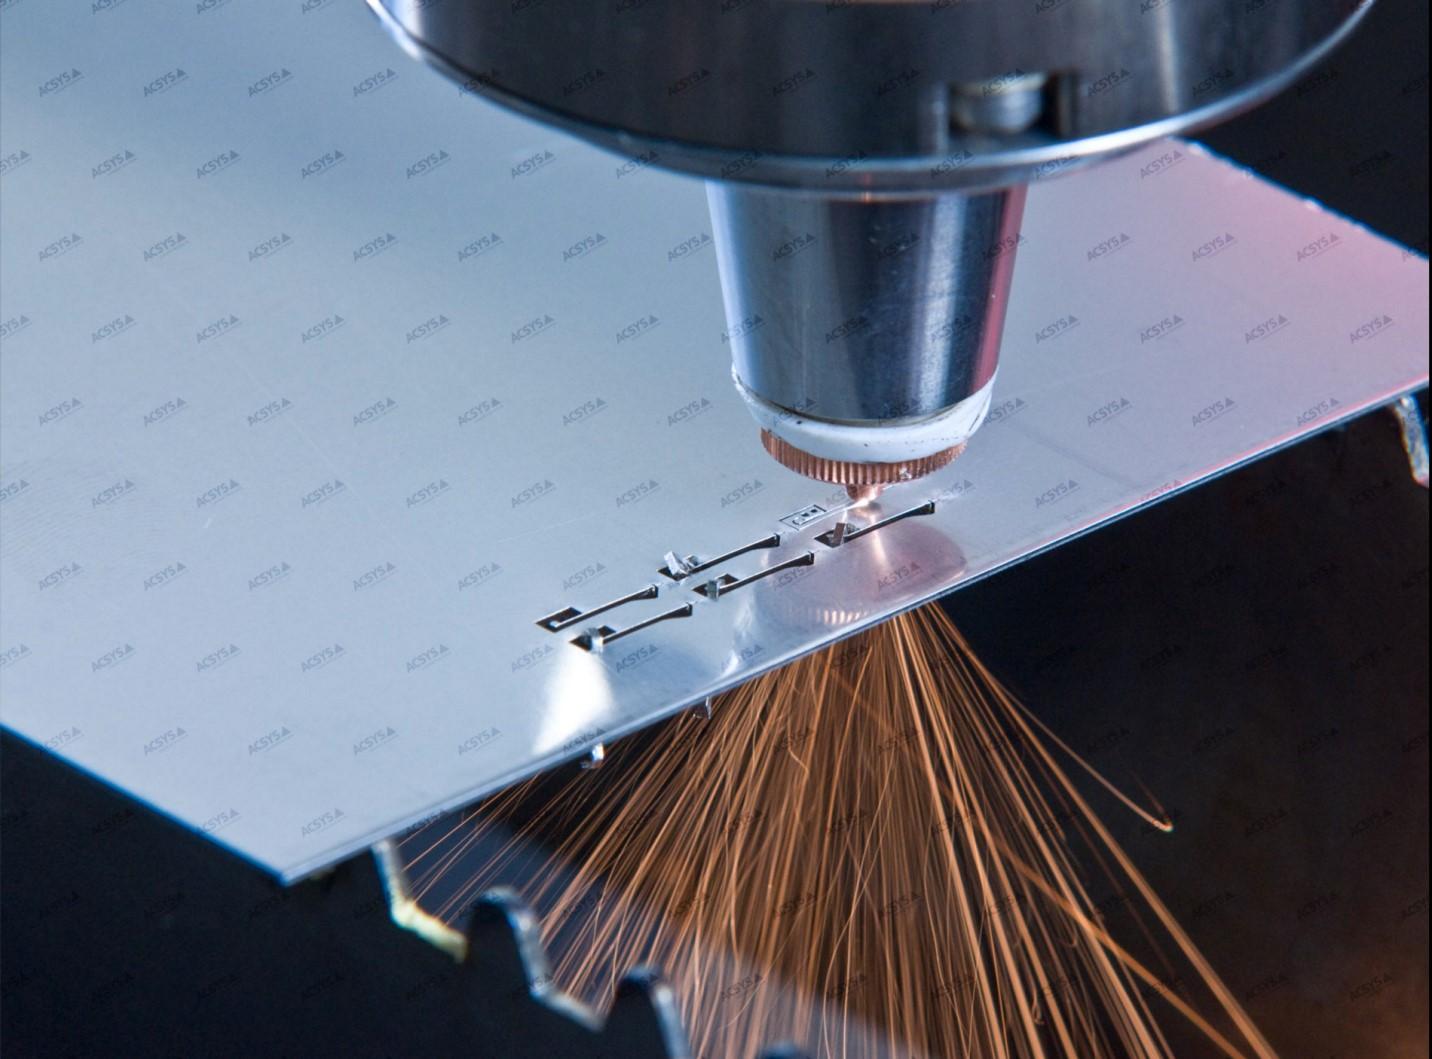 Những thuận lợi và khó khăn khi gia công kim loại bằng laser